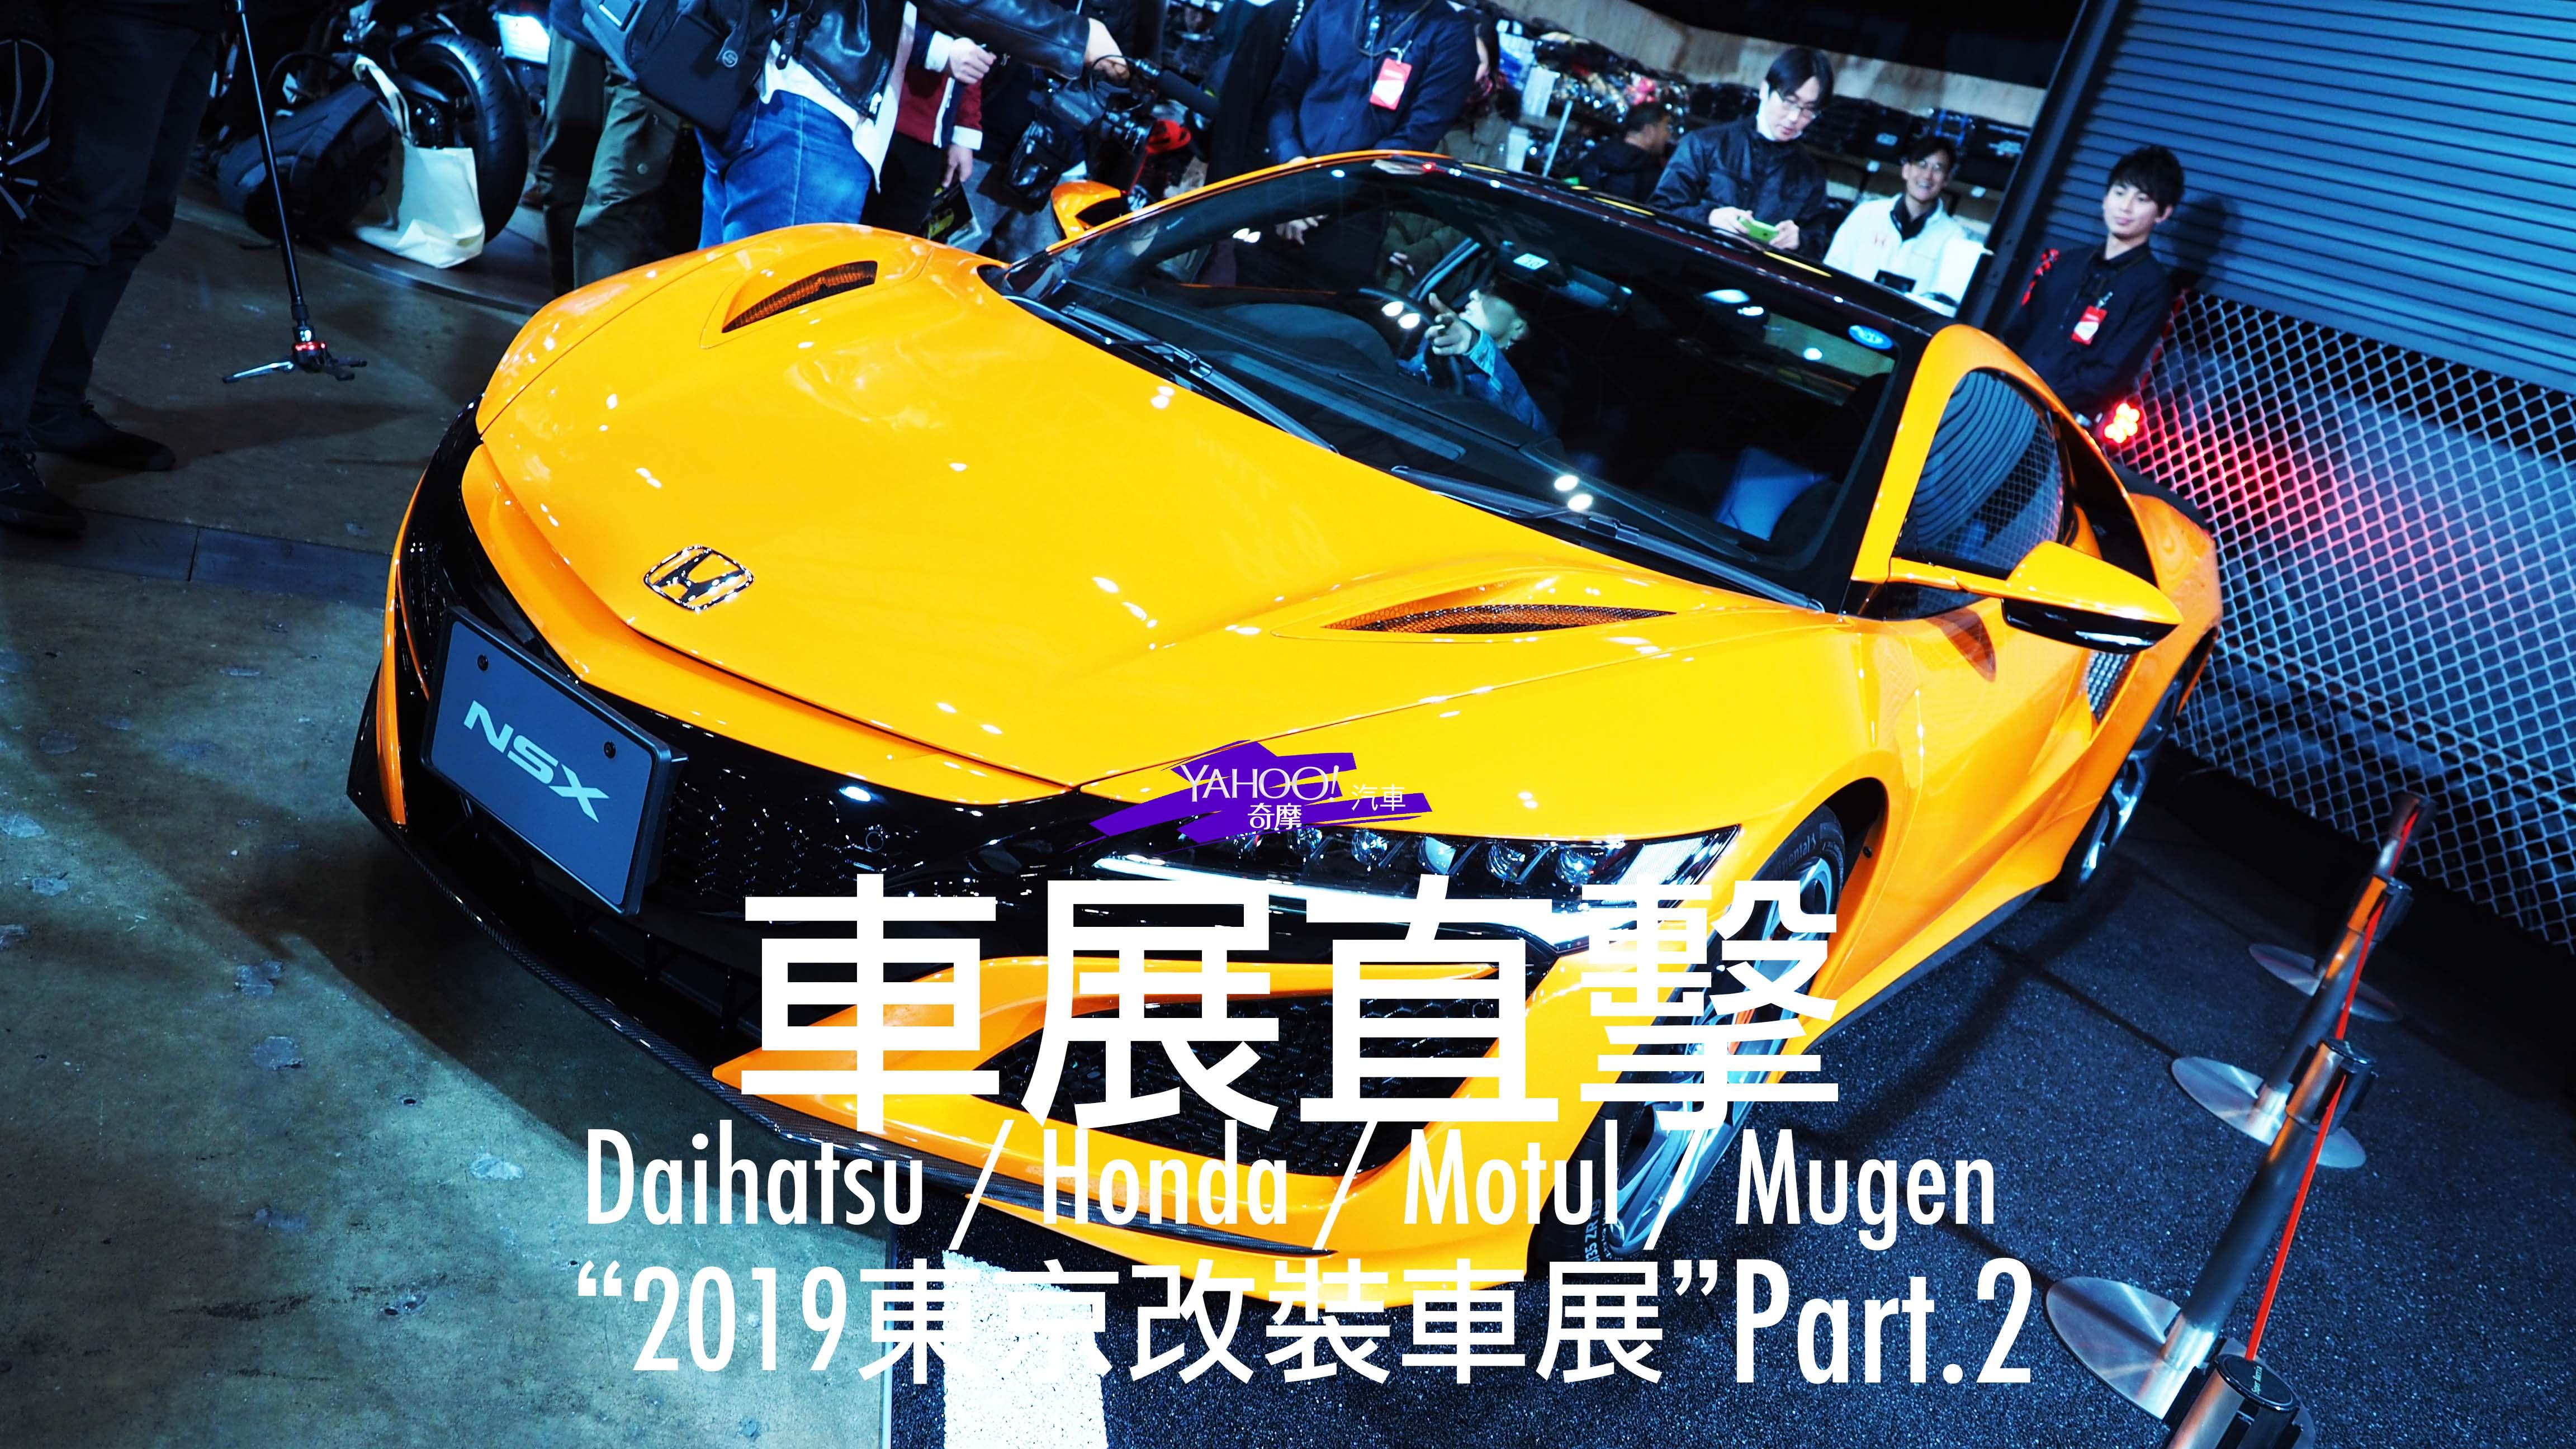 【2019東京改裝車展】中展館直擊導覽(Daihatsu、Honda、Motul、Mugen)